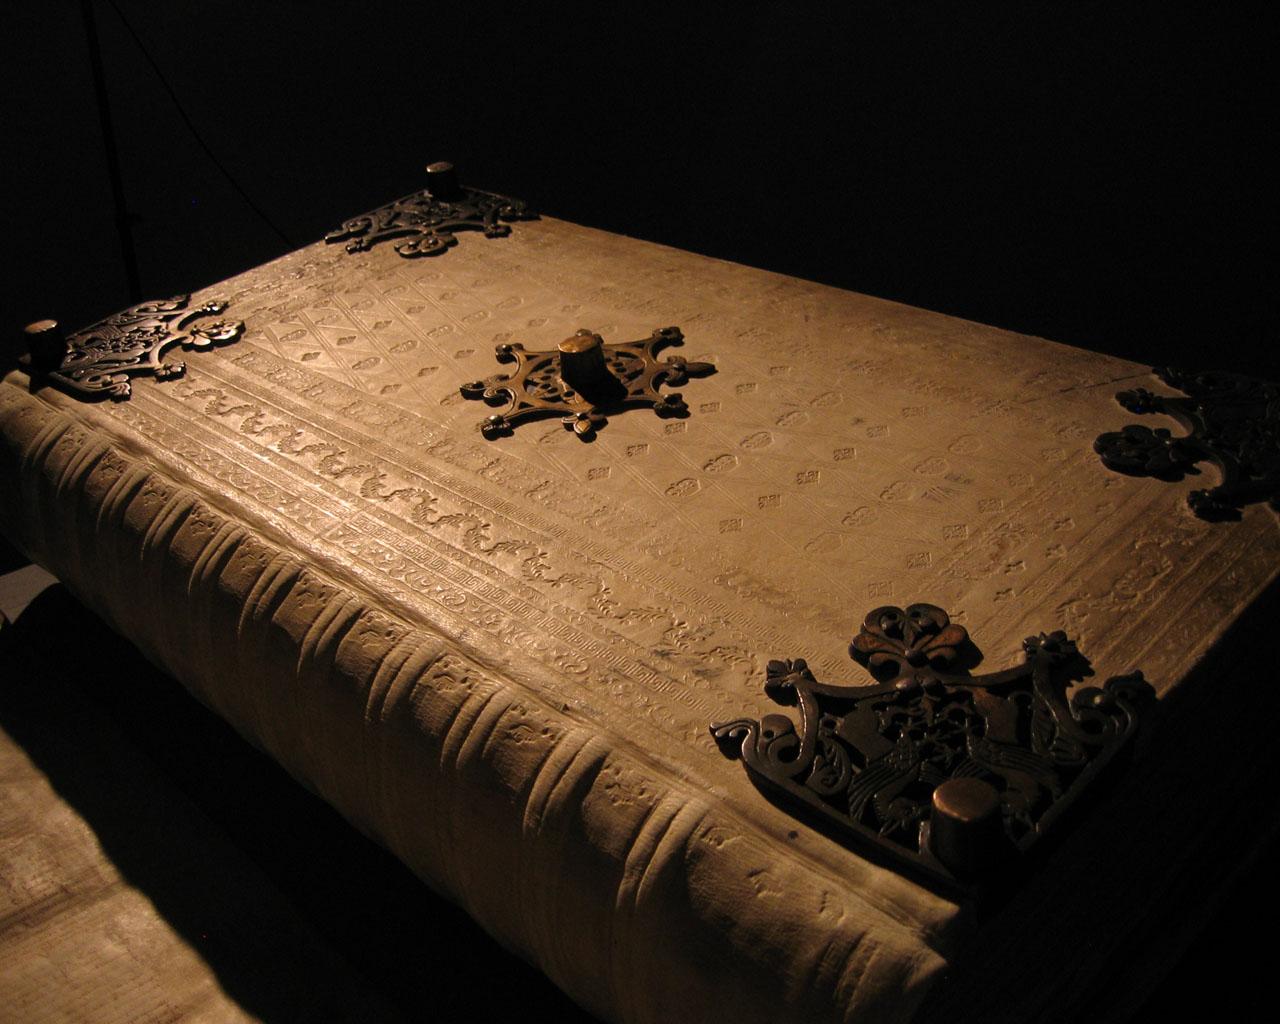 Кодекс гигас скачать книгу